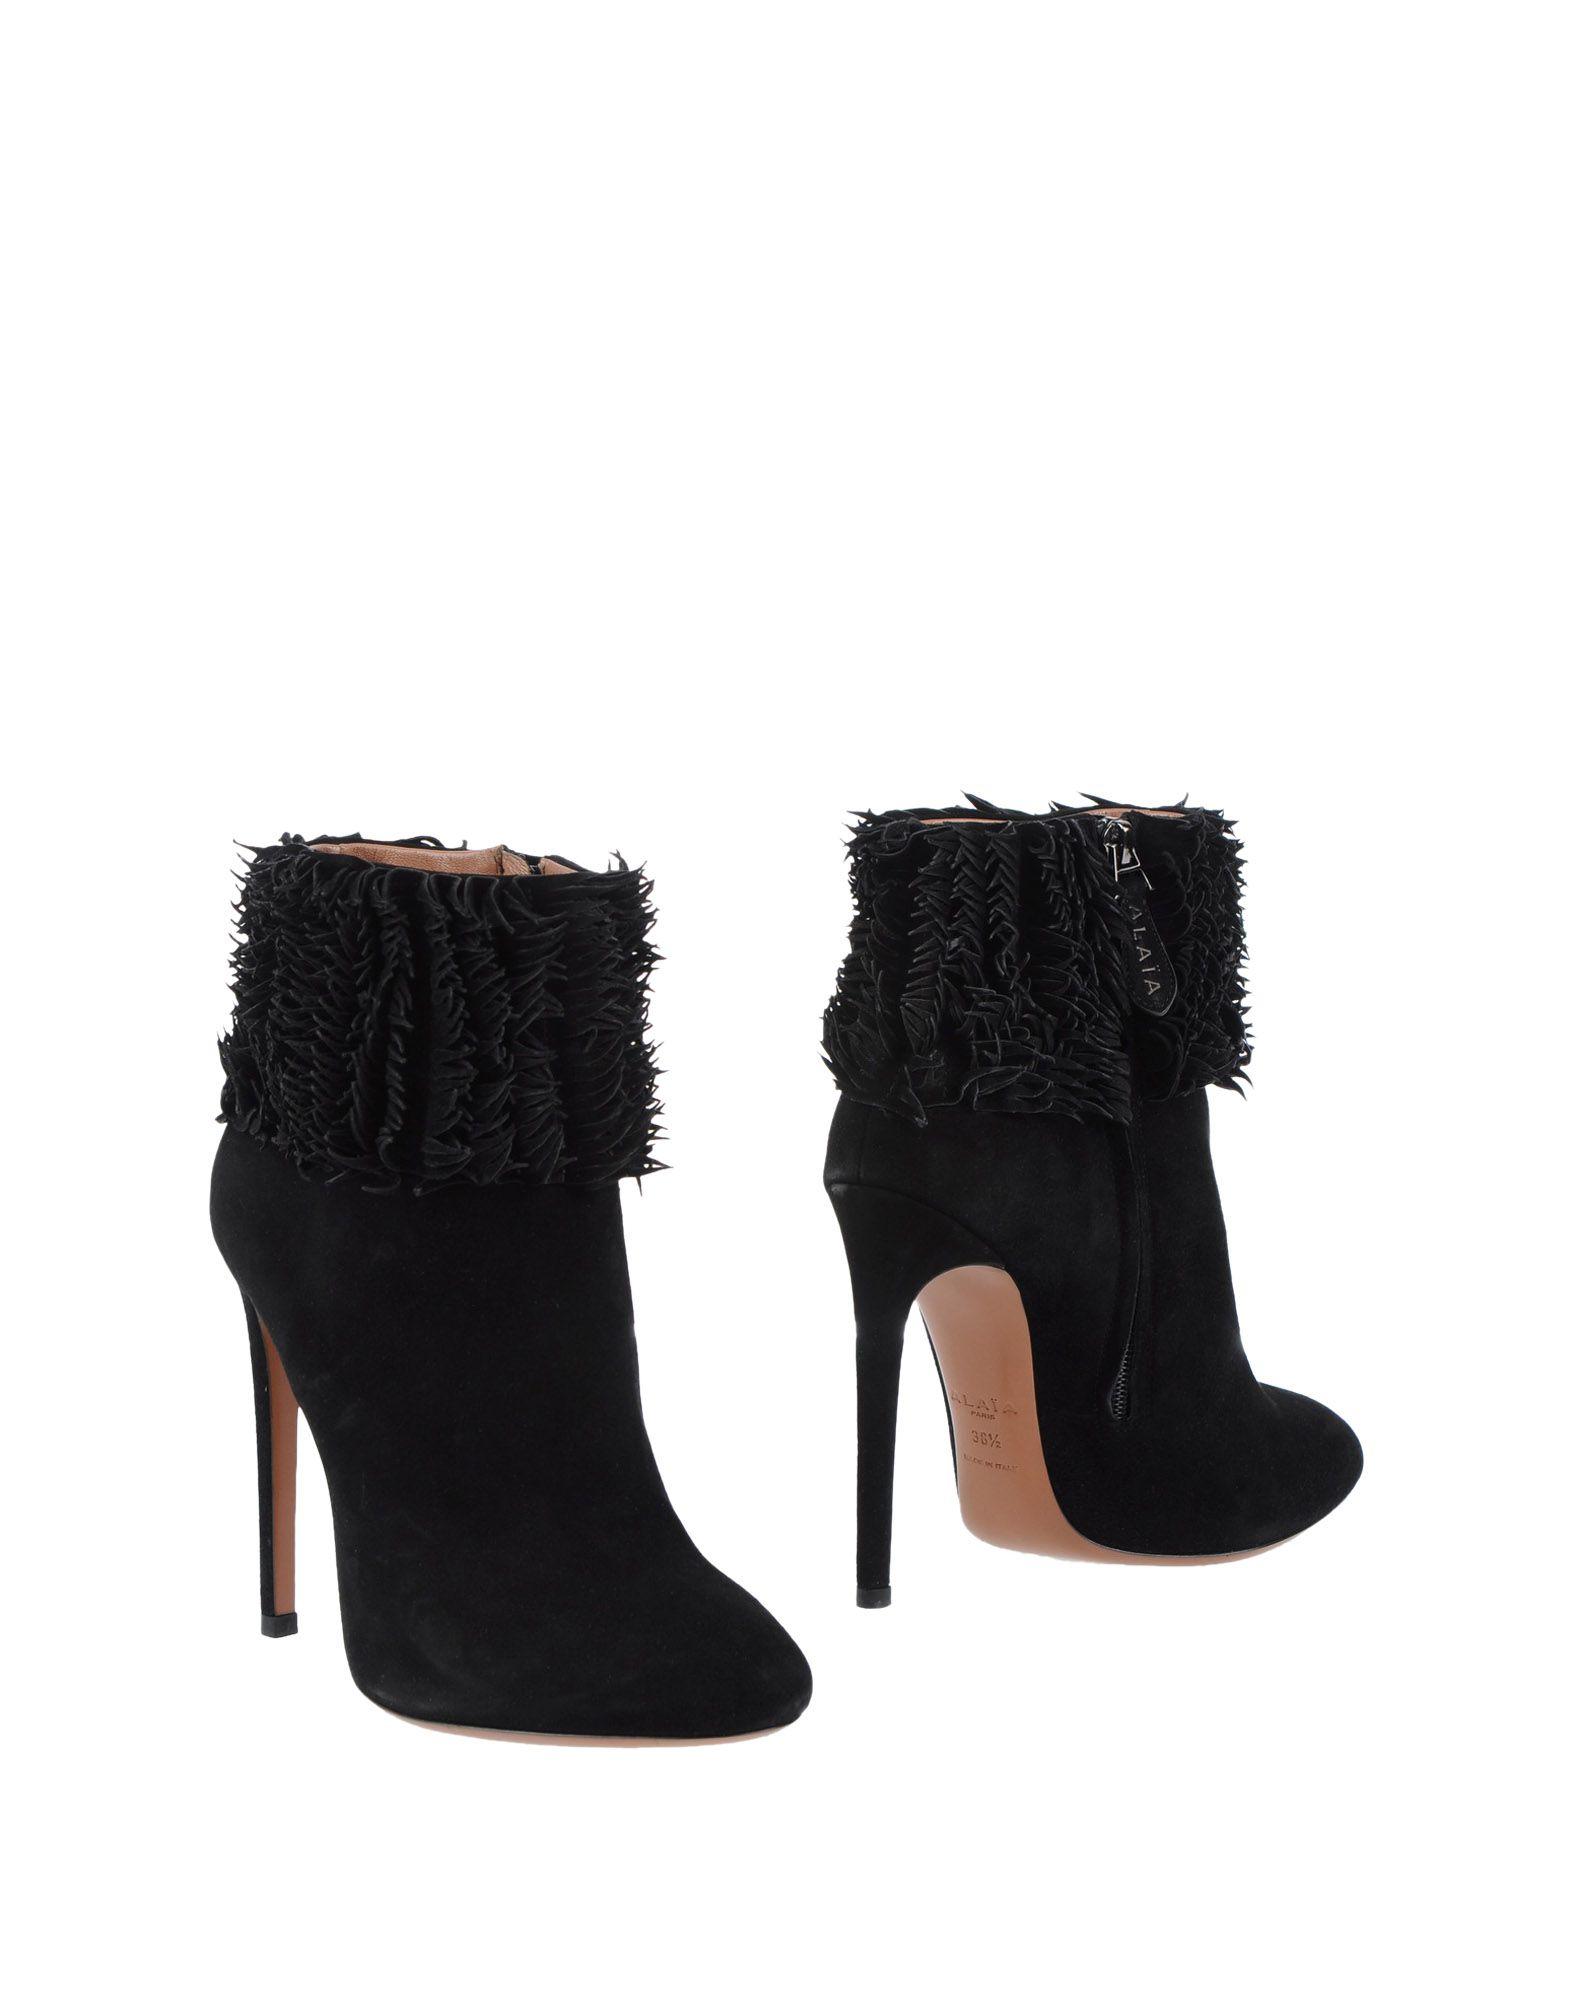 Alaïa gut Stiefelette Damen  11324147JVGünstige gut Alaïa aussehende Schuhe 959ceb